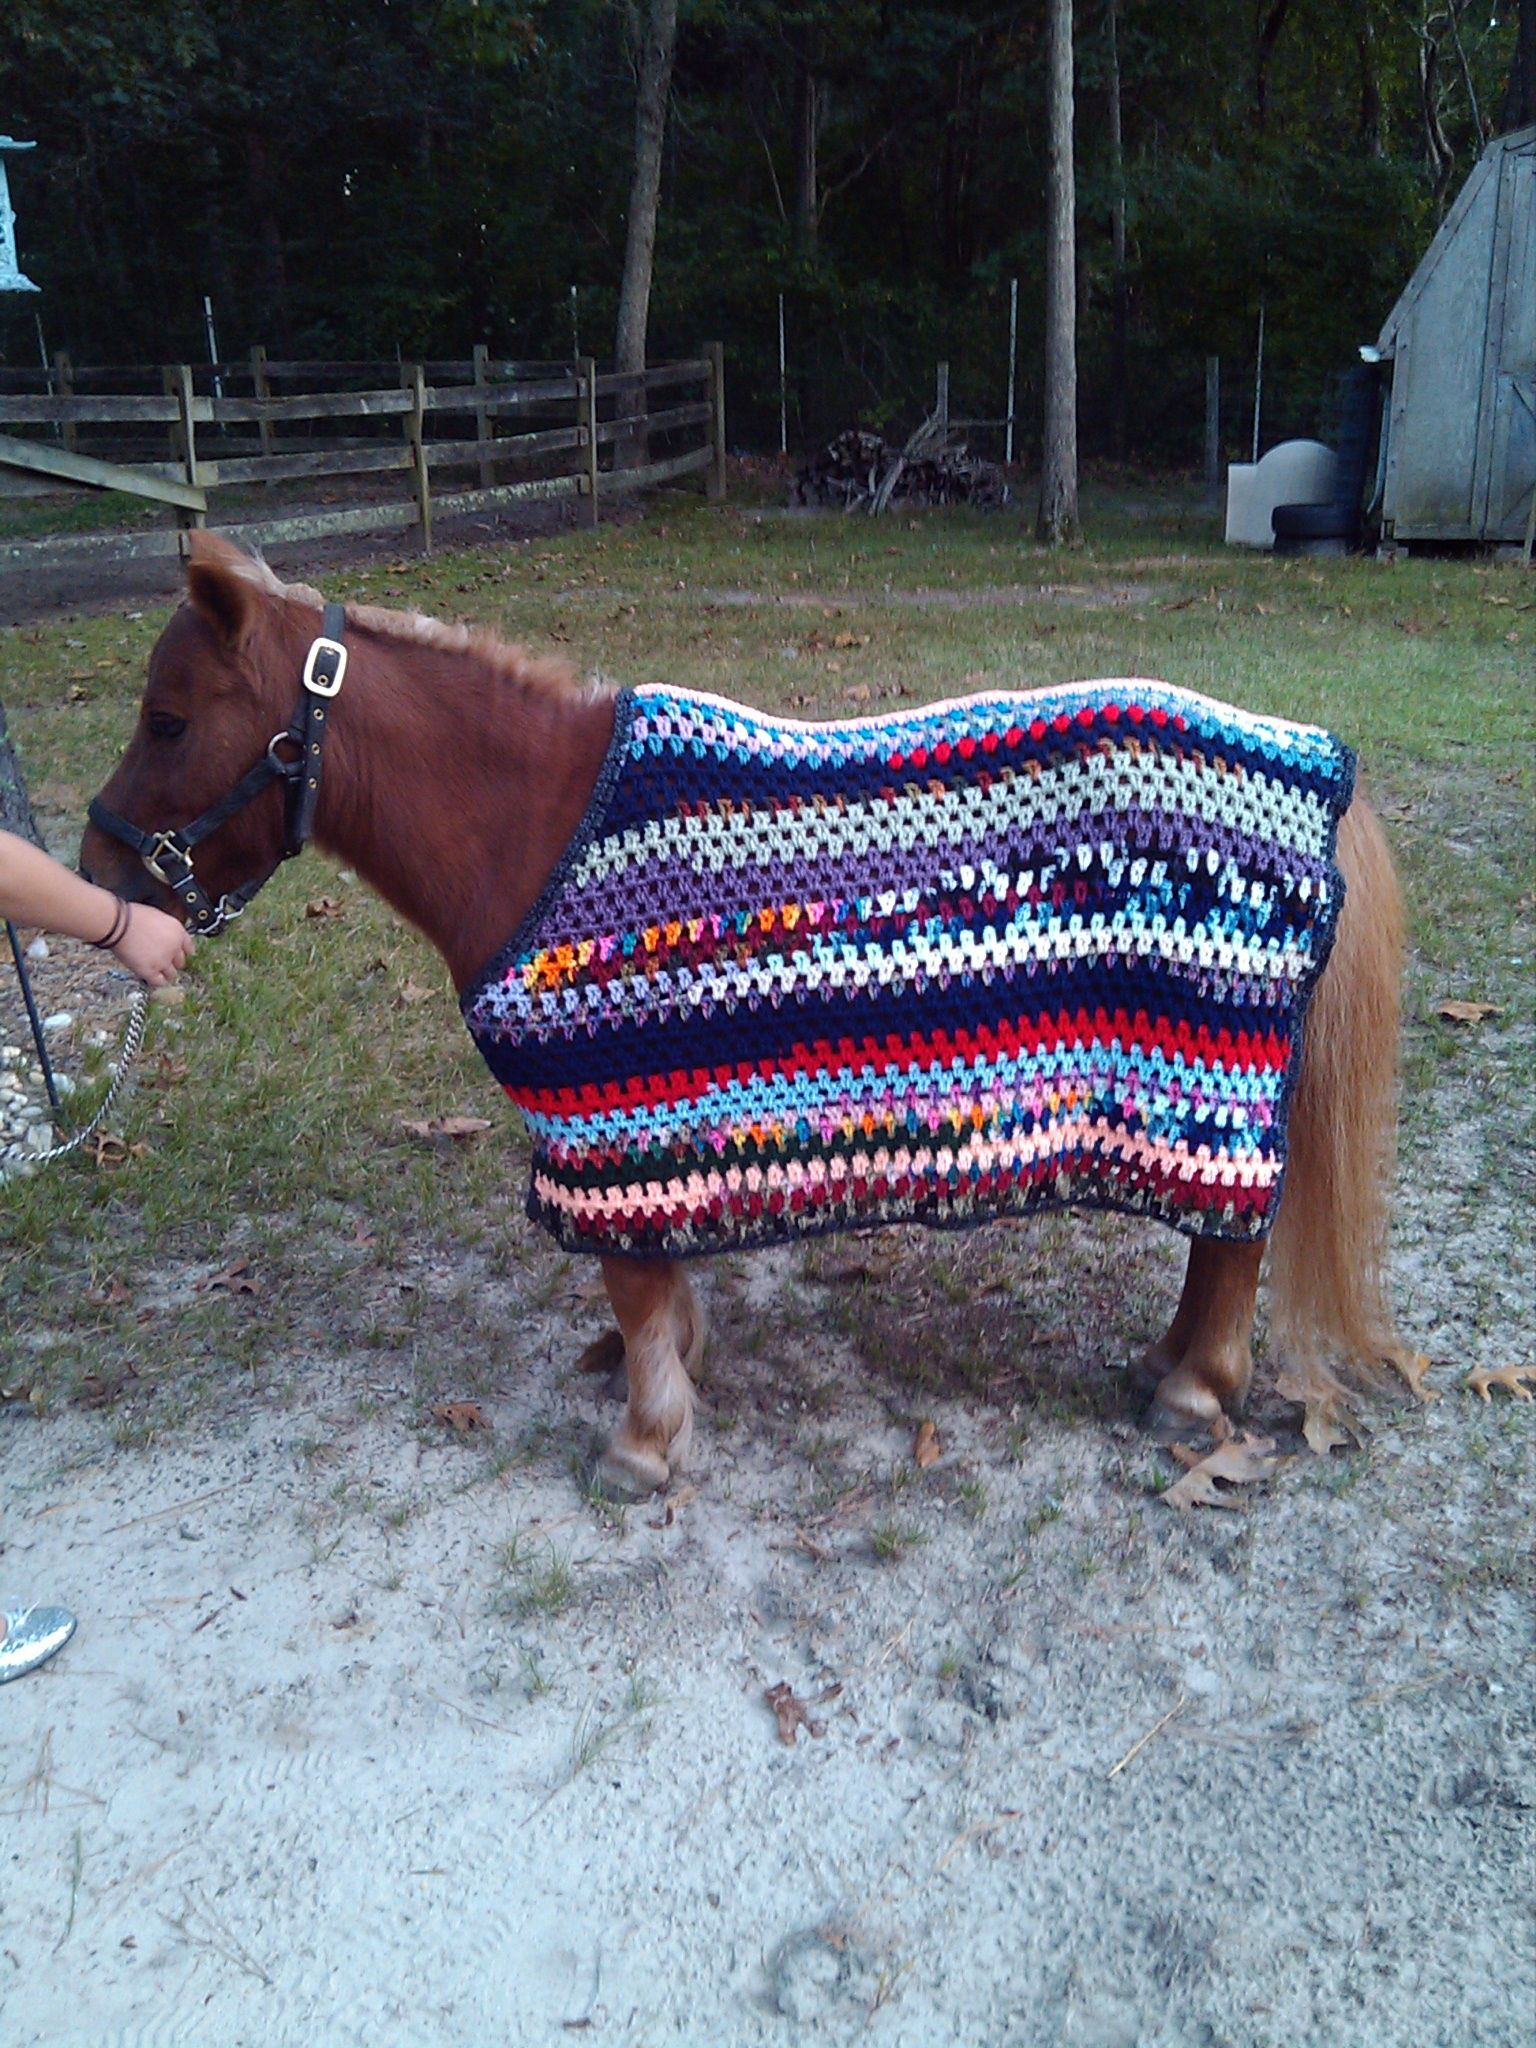 Crocheted Miniature Horse Cooler